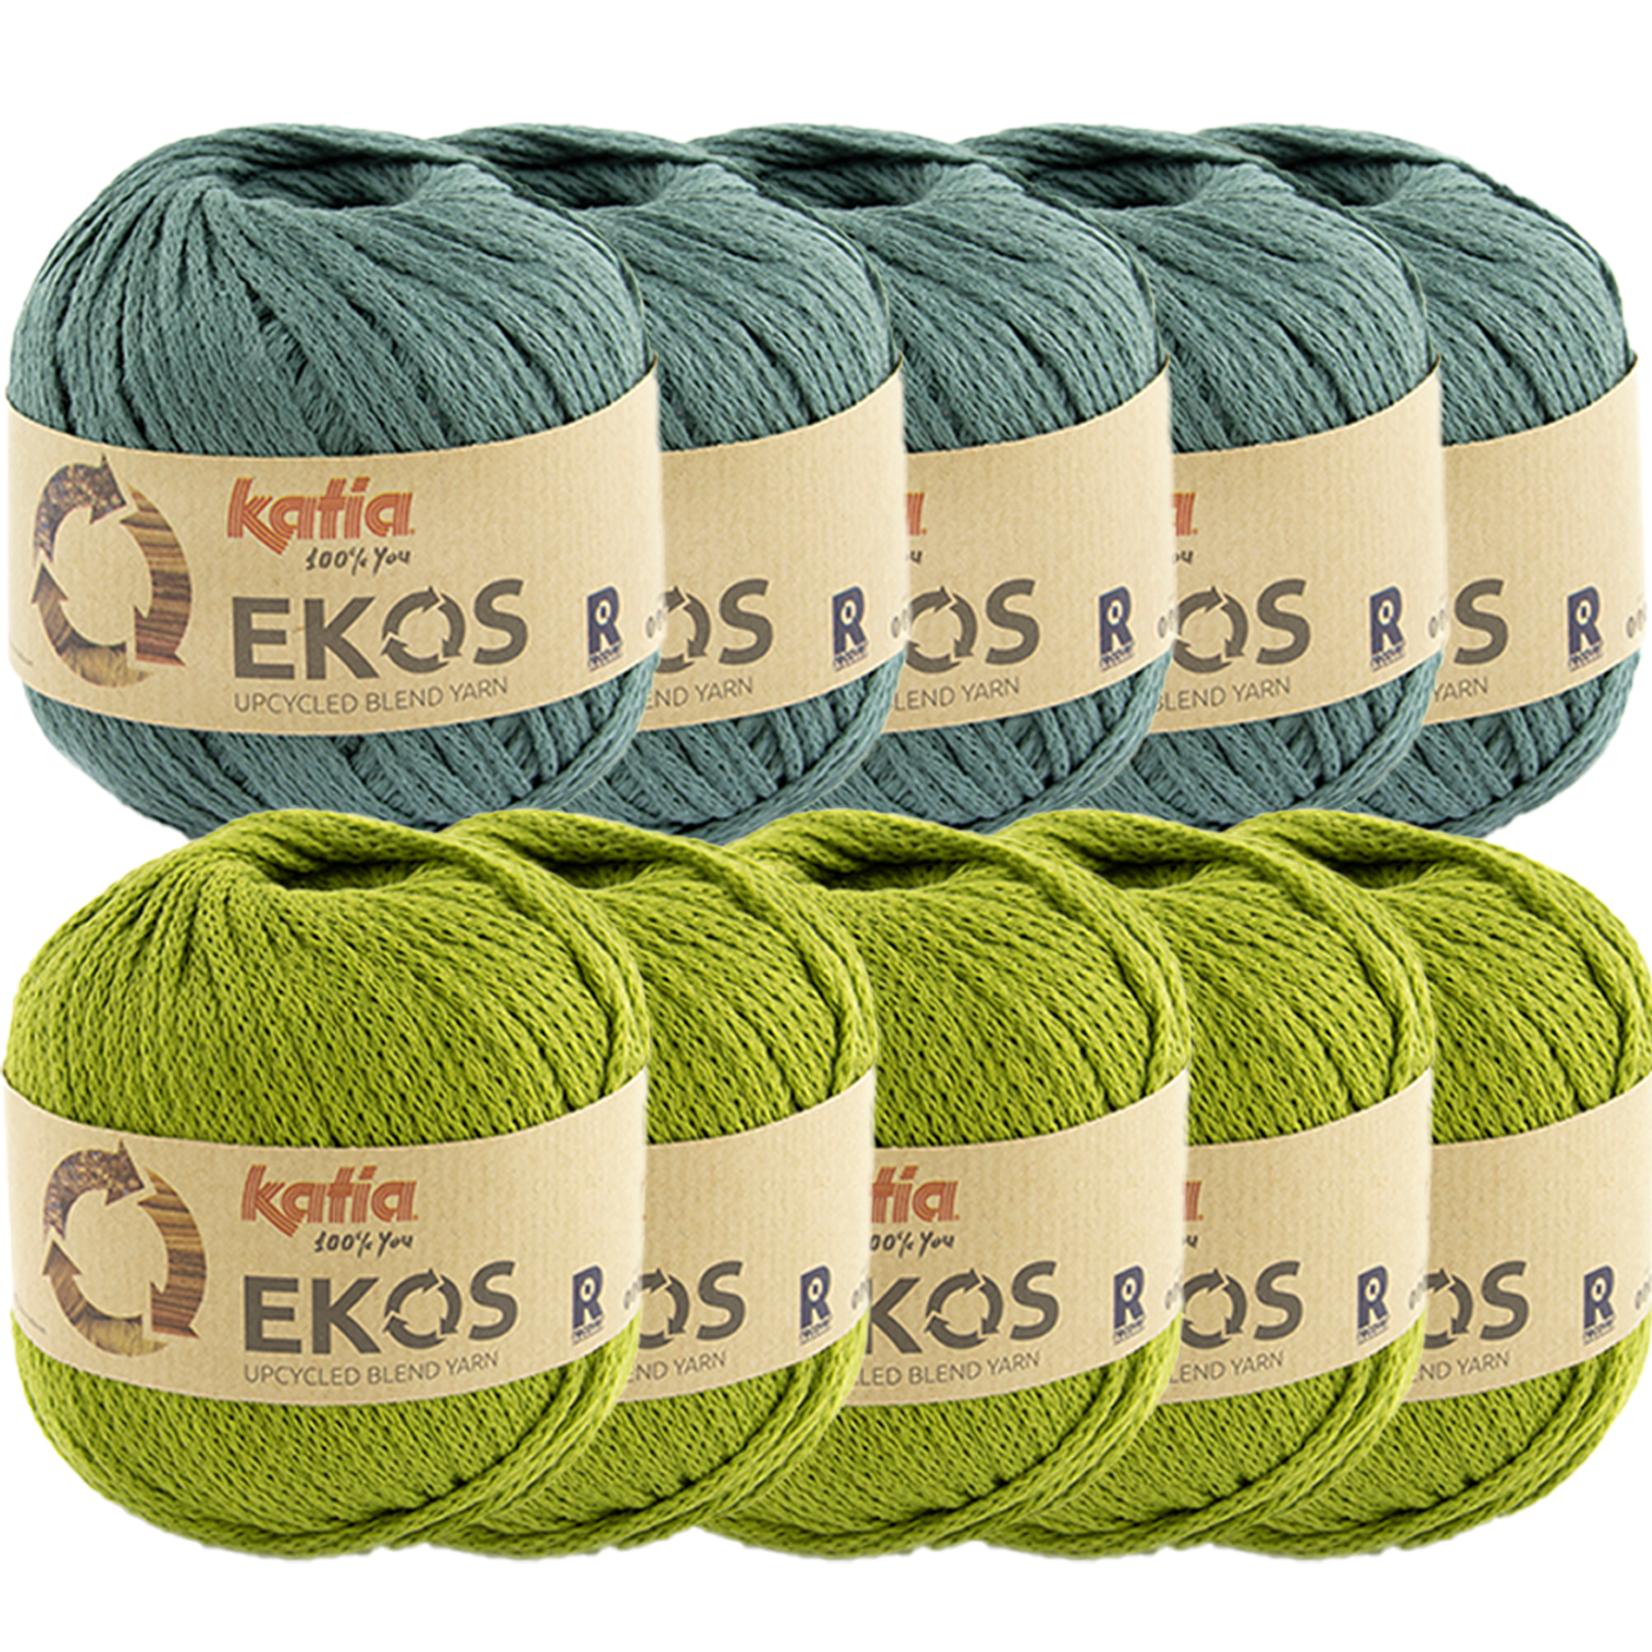 Katia Ekos Combibundel 10 bollen x 50 gr. Groenblauw-Pistache